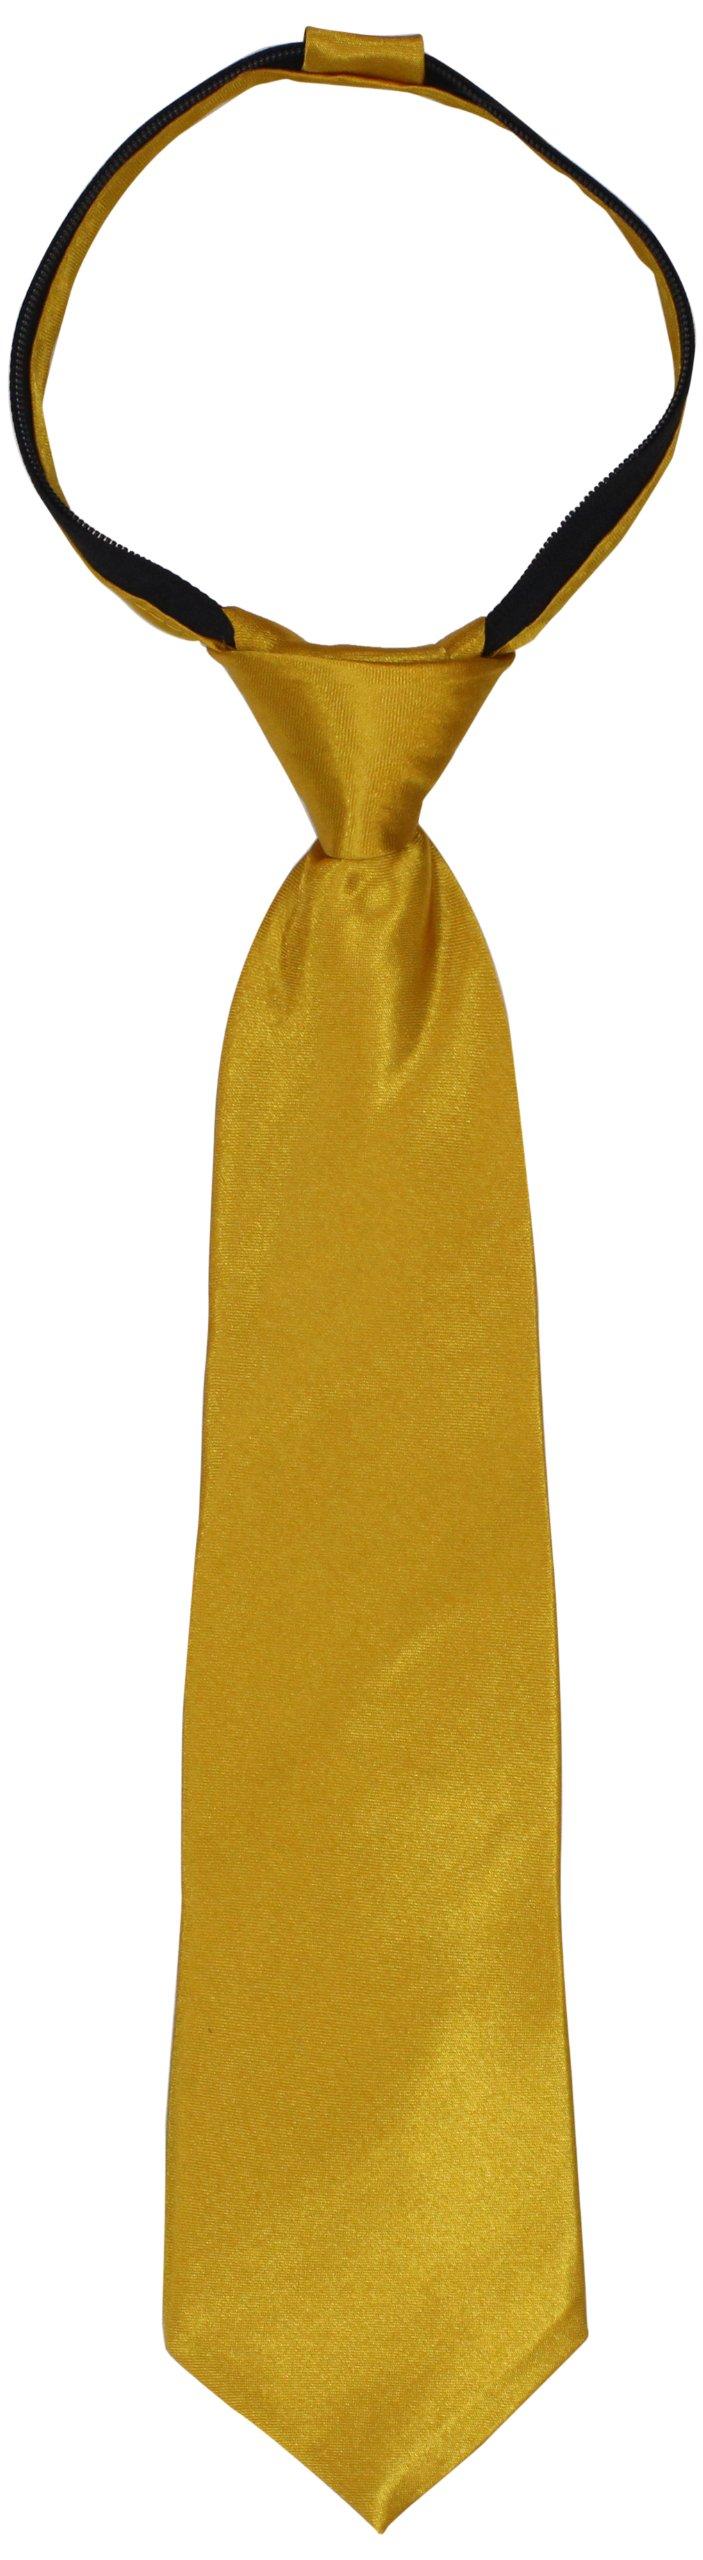 American Exchange Big Boys' Solid Zipper Tie, Gold, 14 Inch